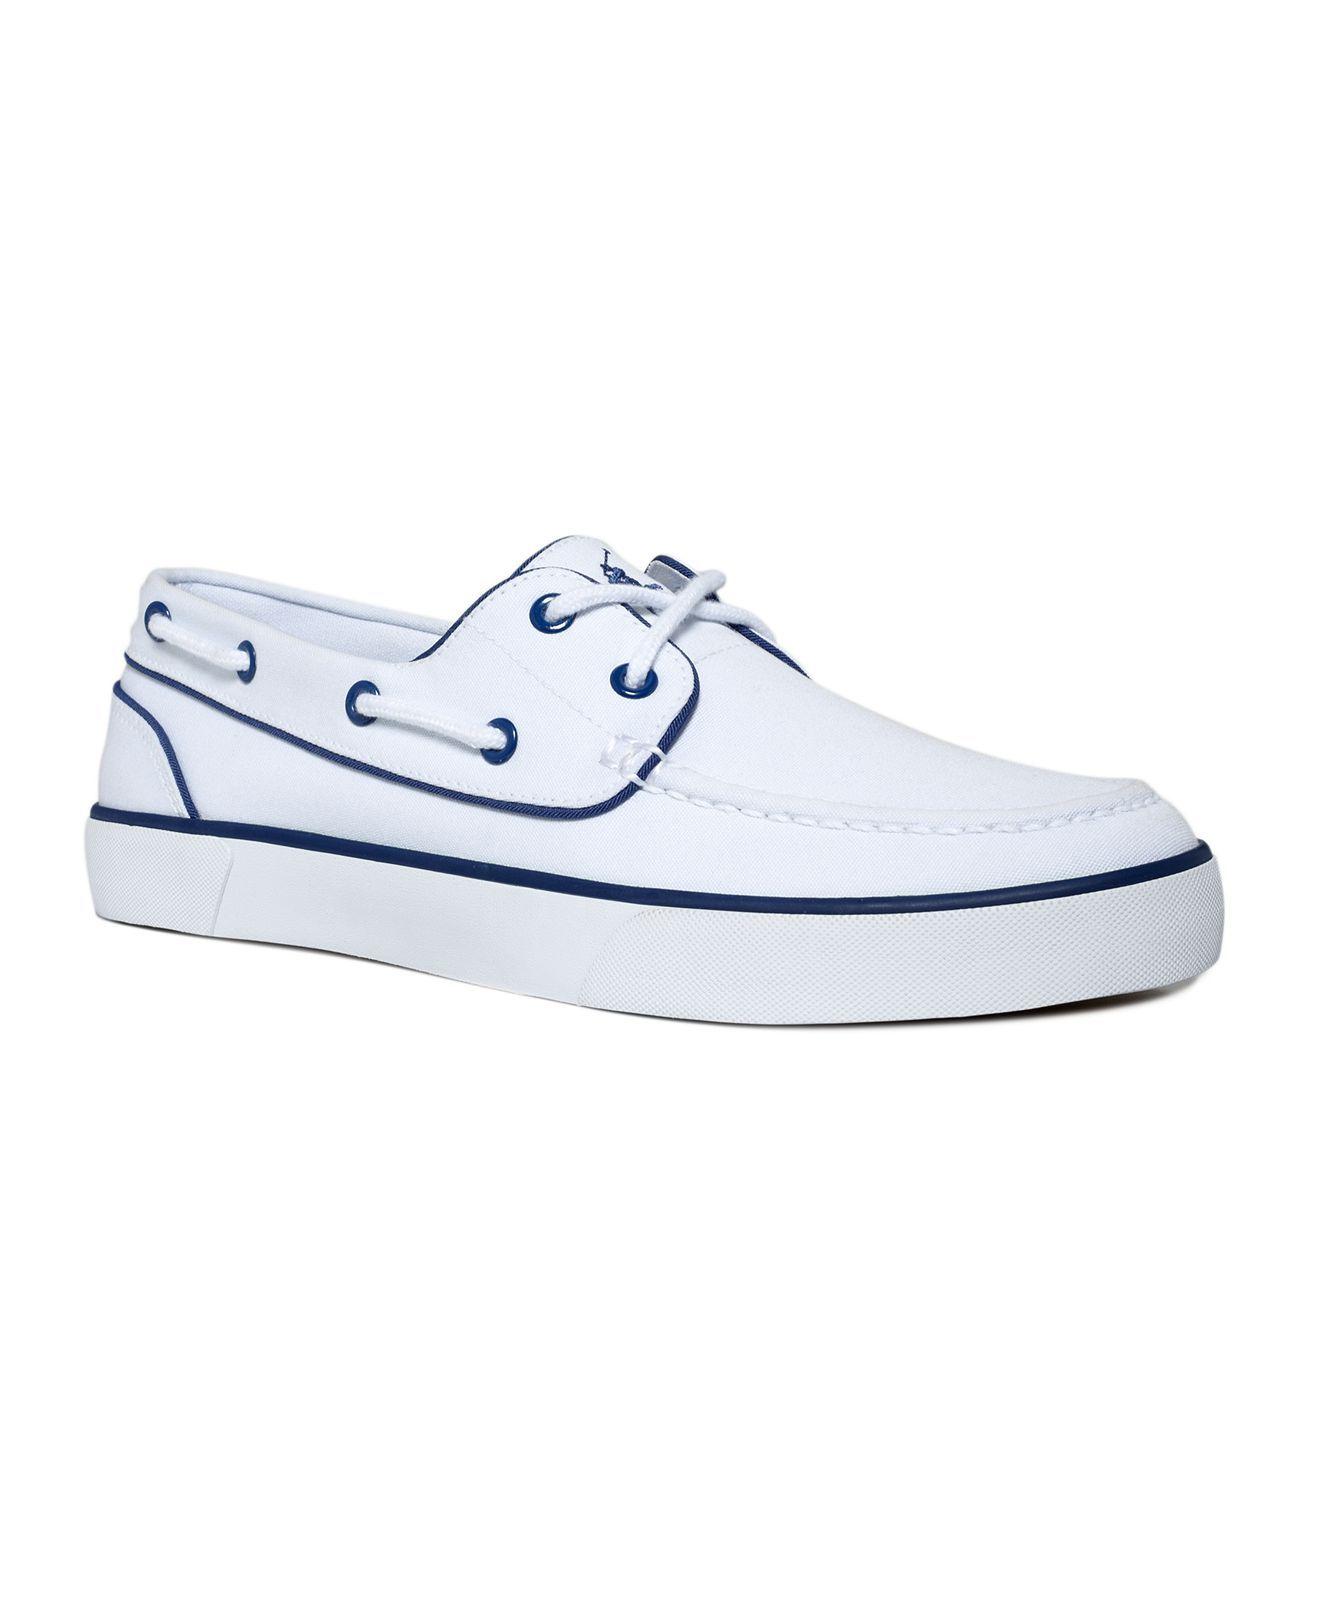 Polo Ralph Lauren Lander P Boat Shoes  Boat Shoes  Men  Macys